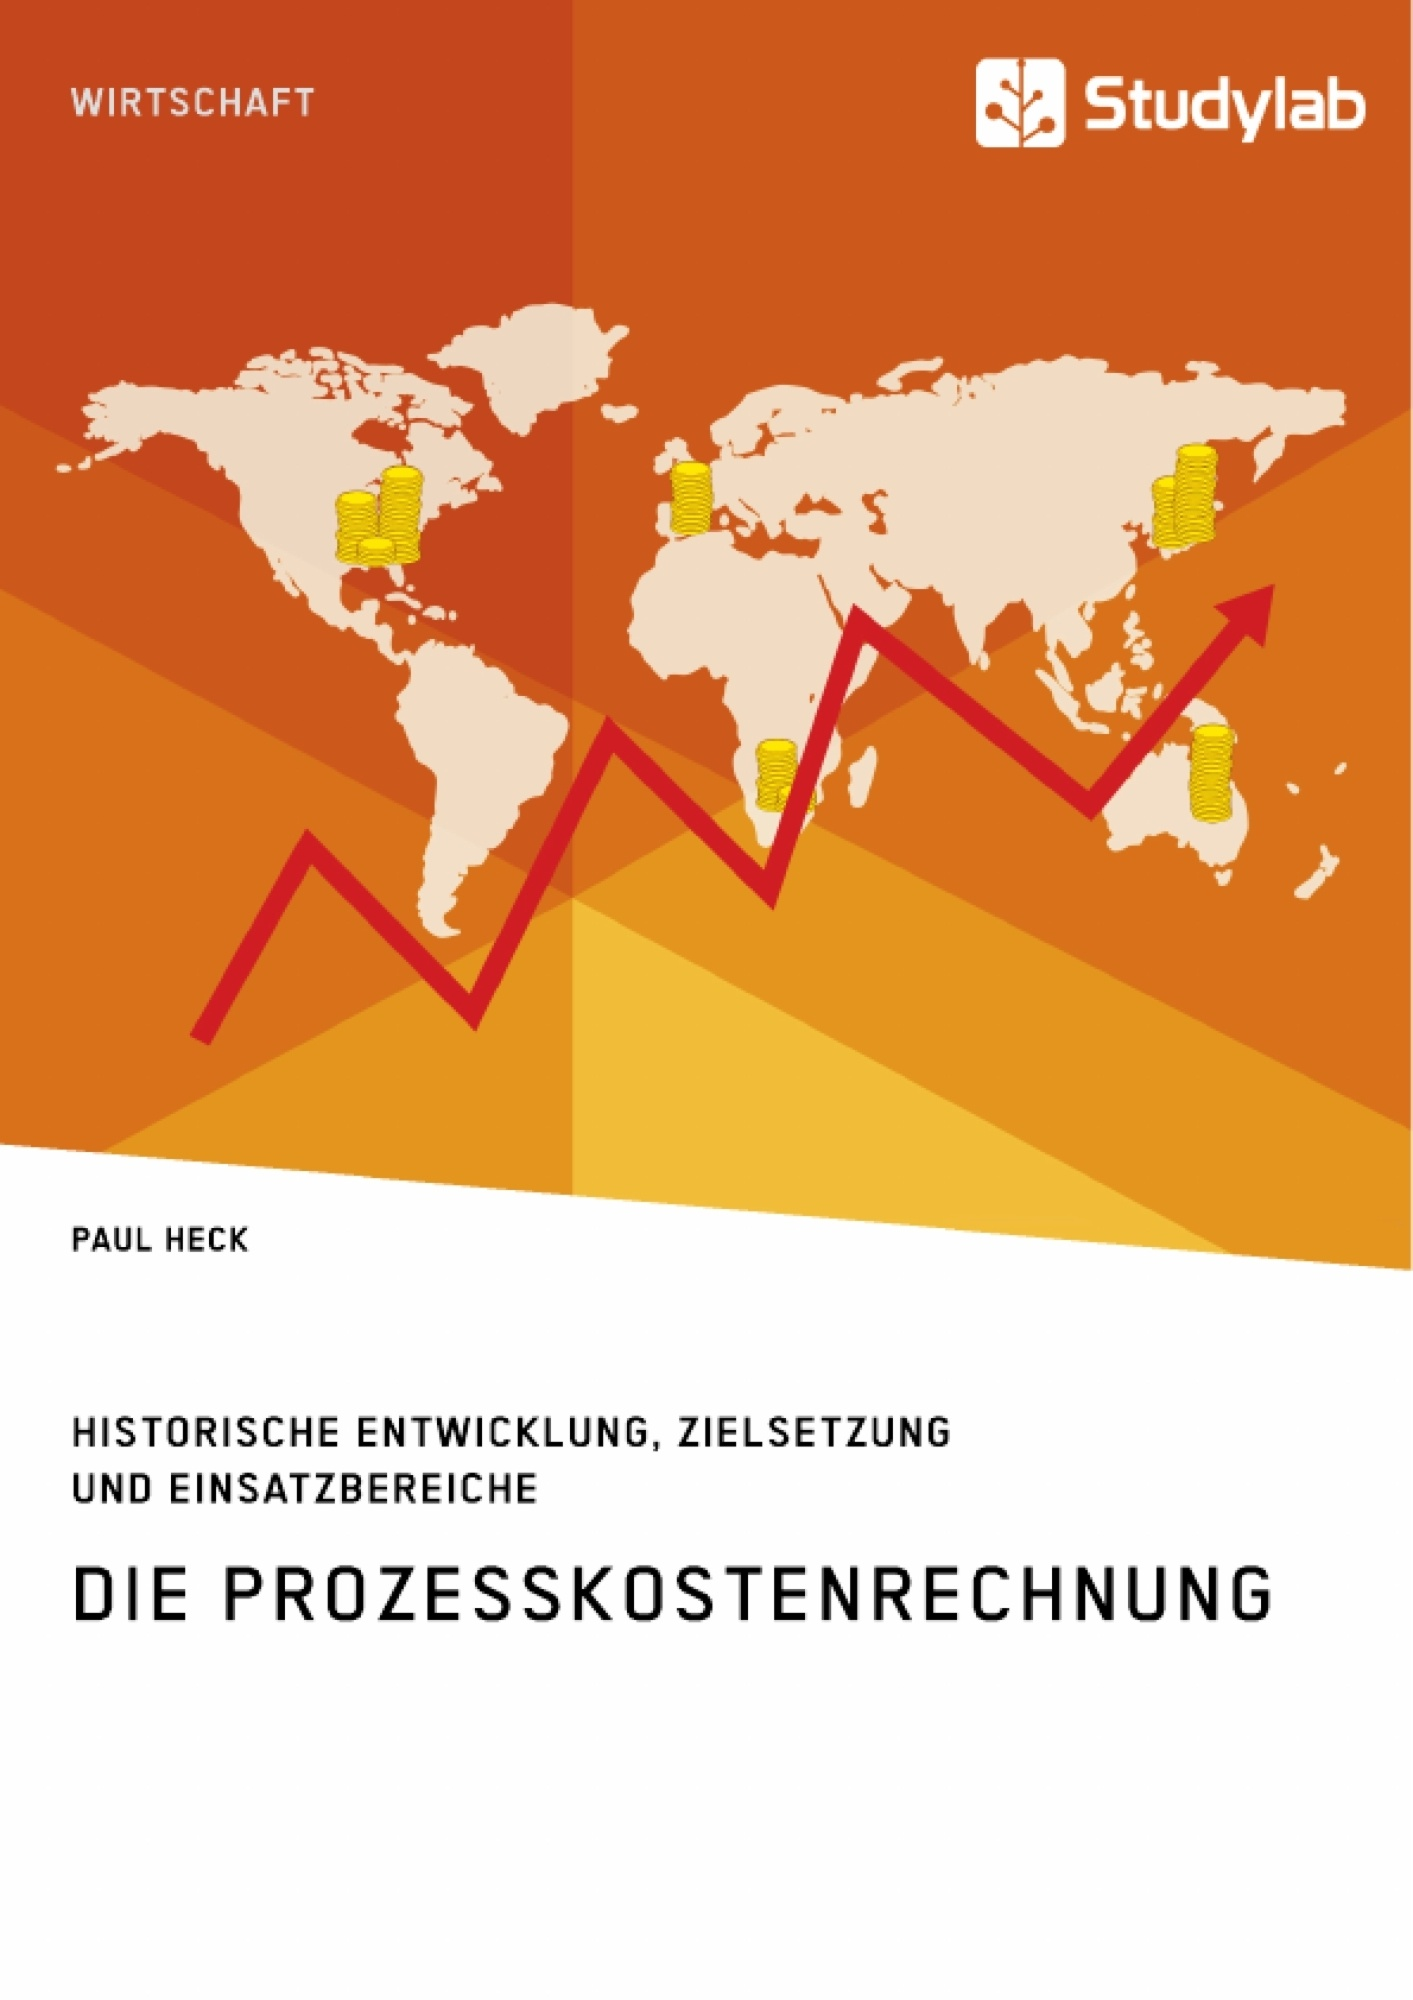 Titel: Die Prozesskostenrechnung. Historische Entwicklung, Zielsetzung und Einsatzbereiche